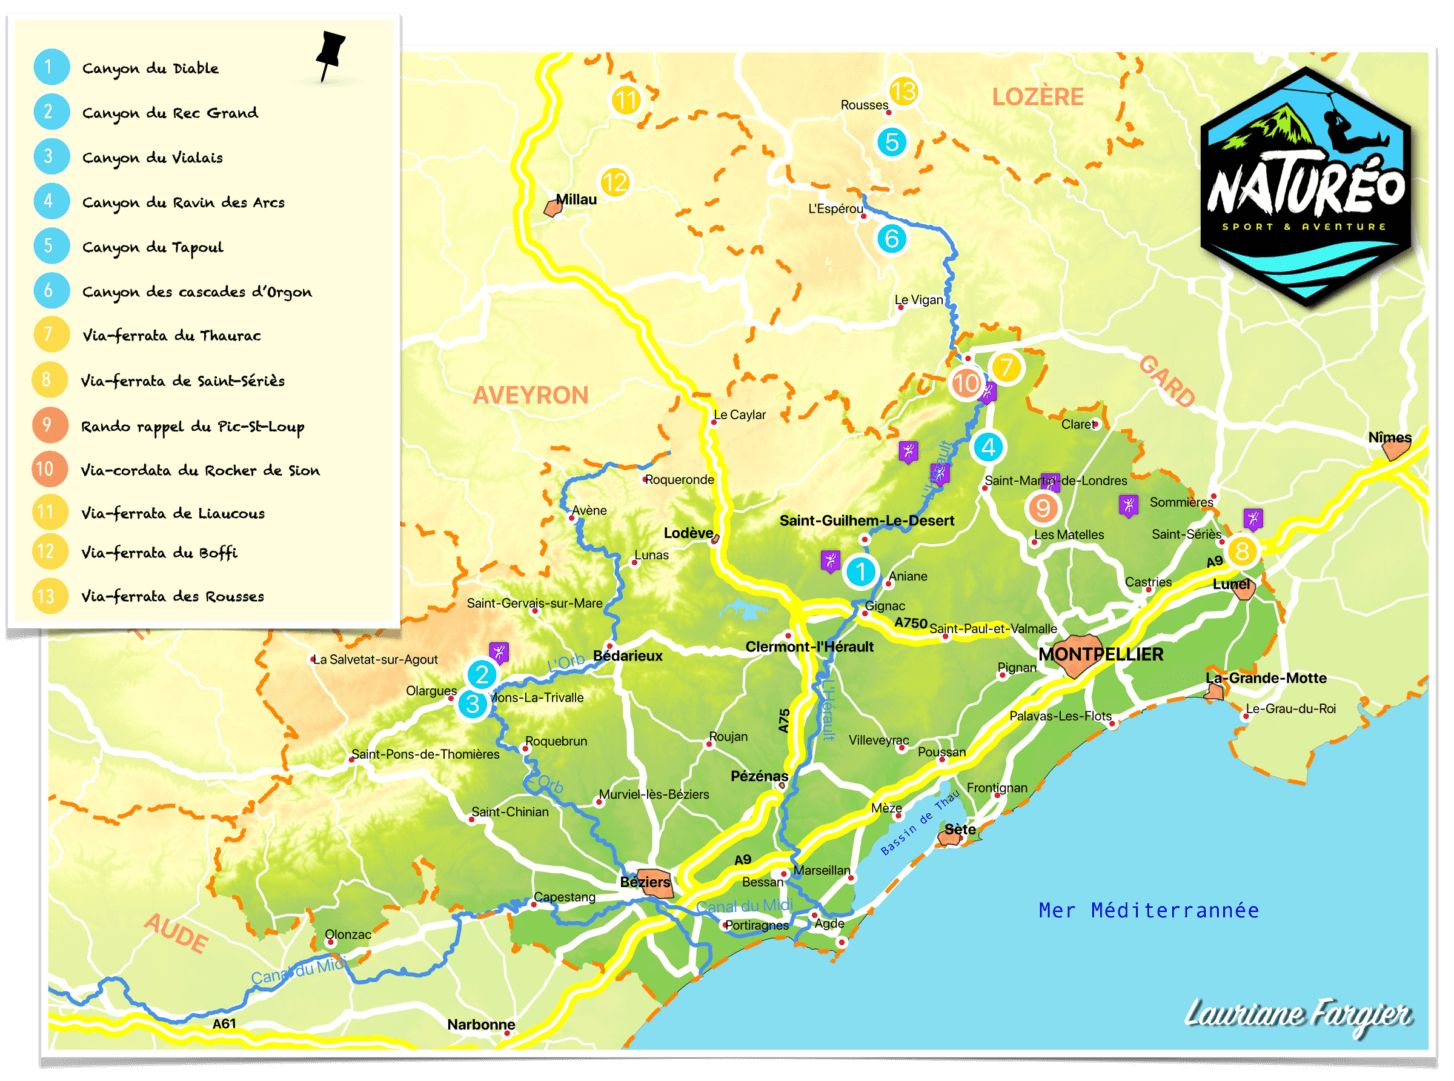 Carte des activités Naturéo